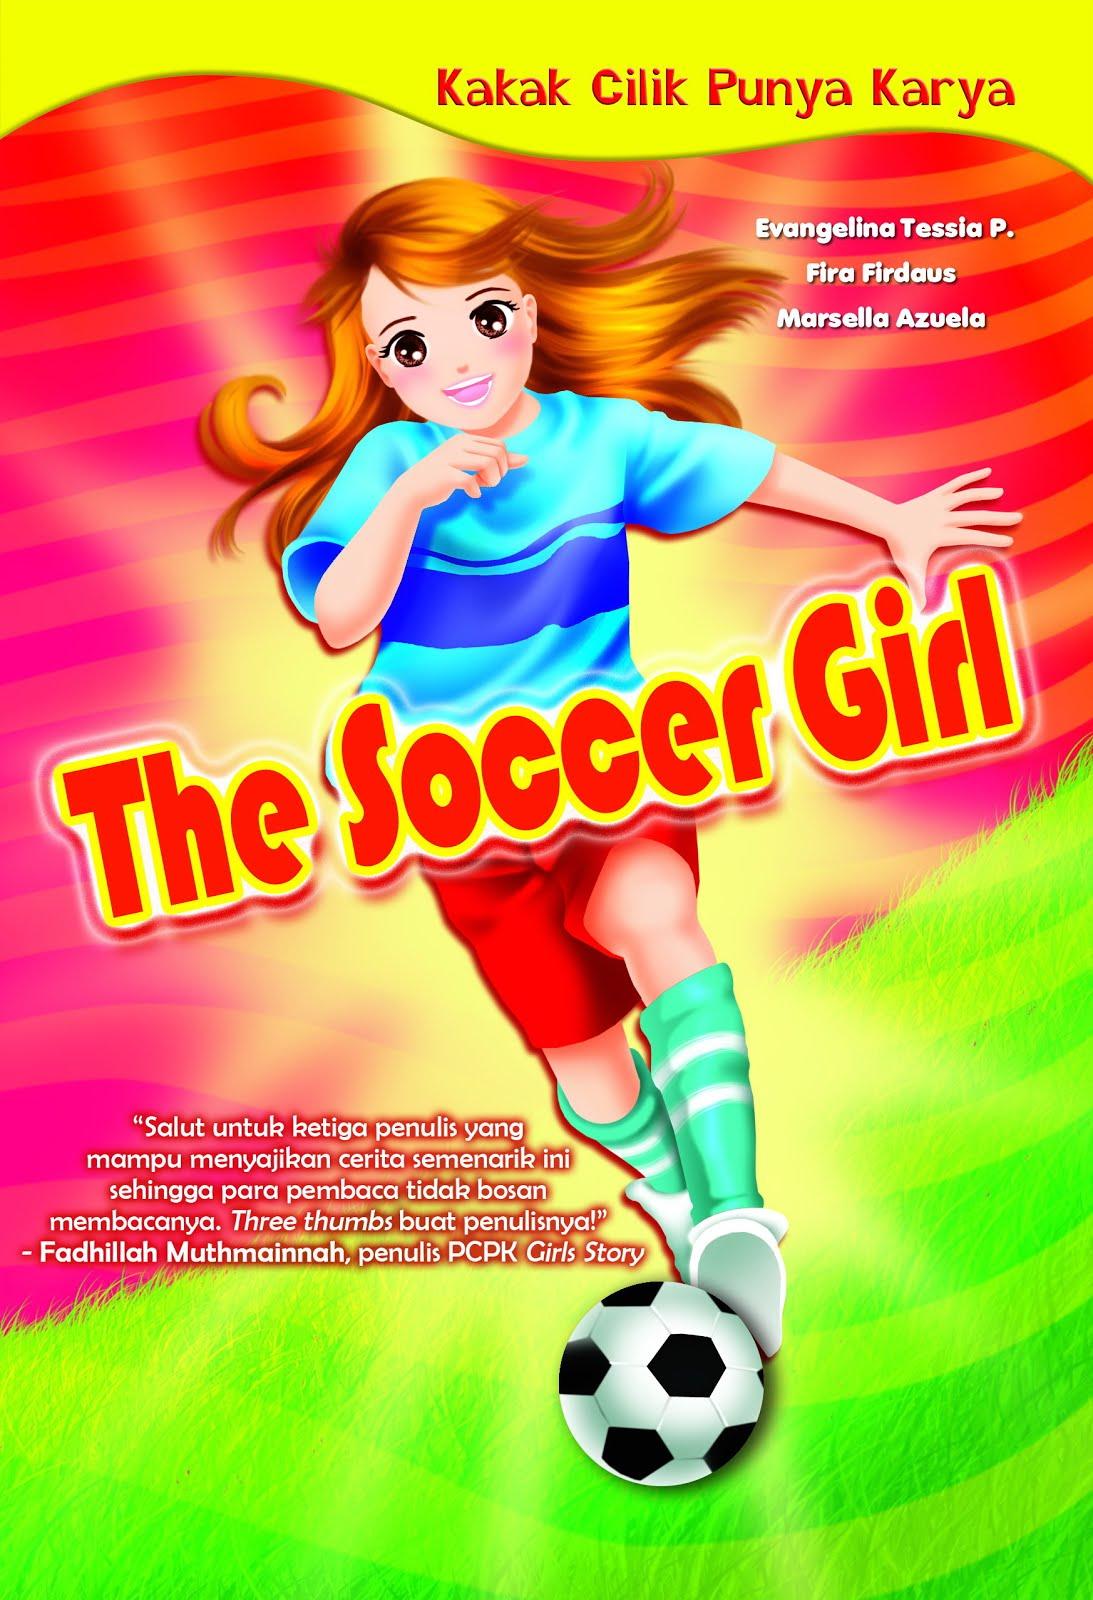 The Soccer Girl, 2012